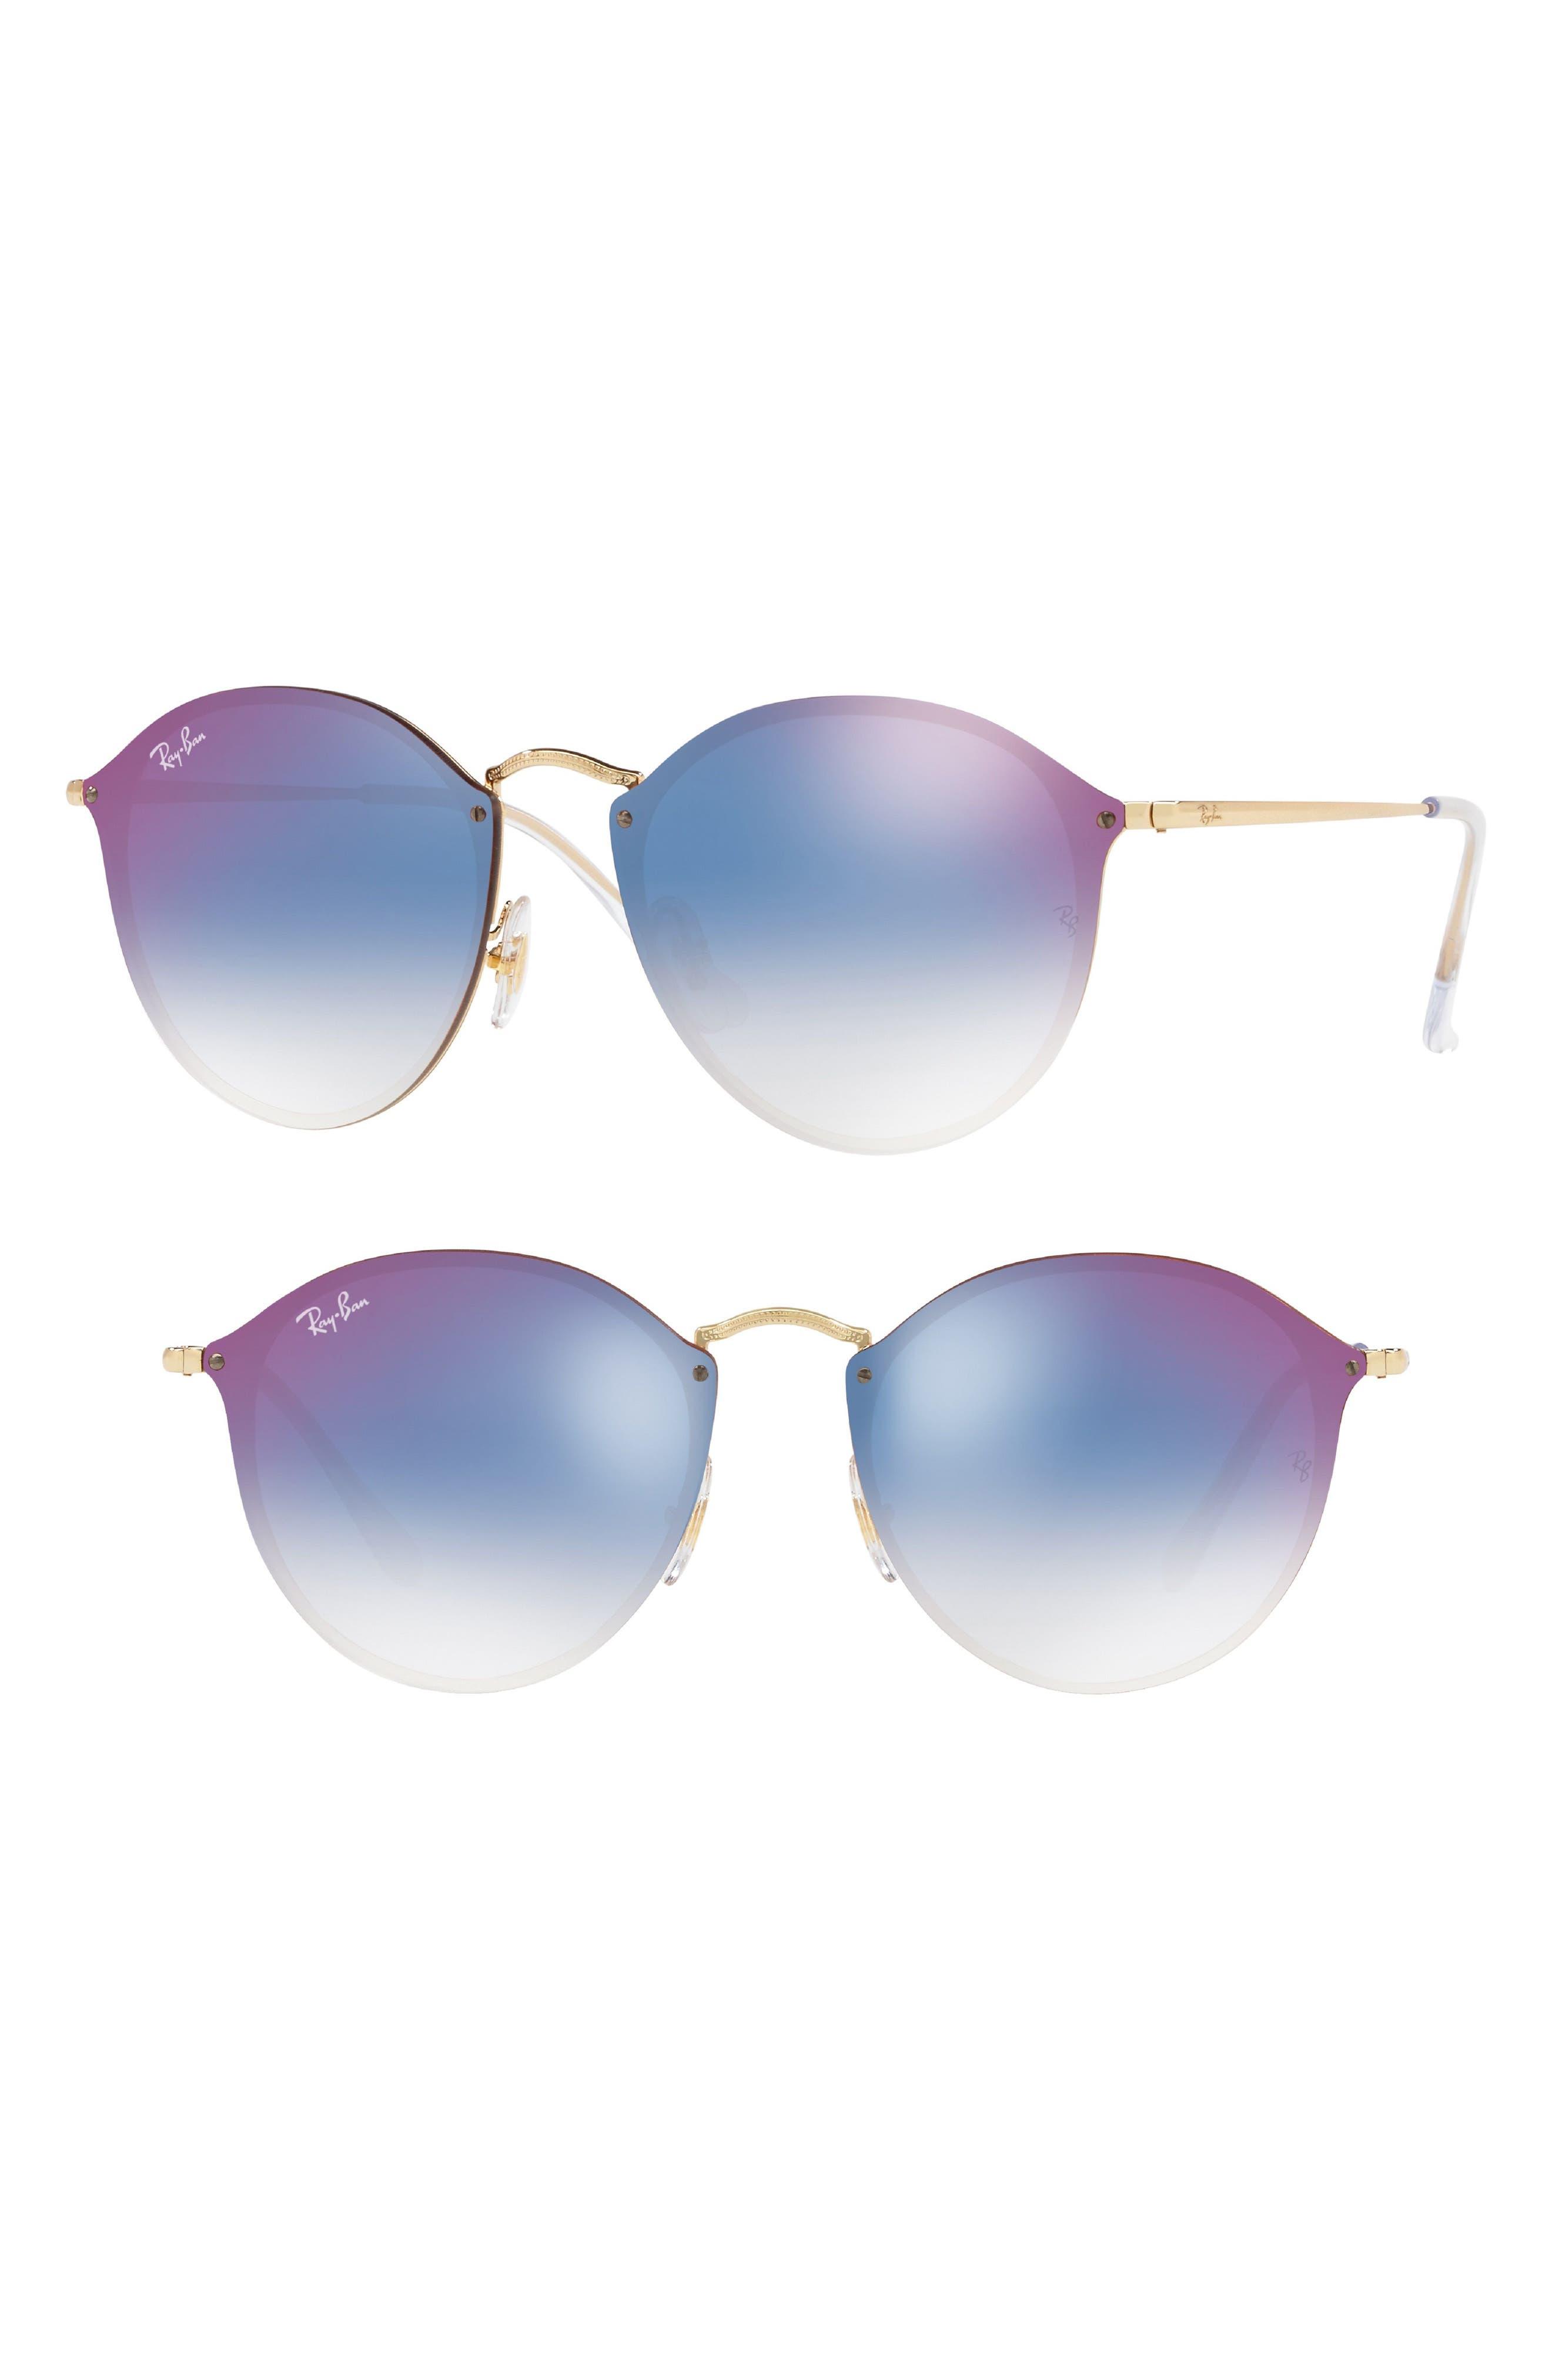 Ray-Ban Blaze 59mm Round Mirrored Sunglasses